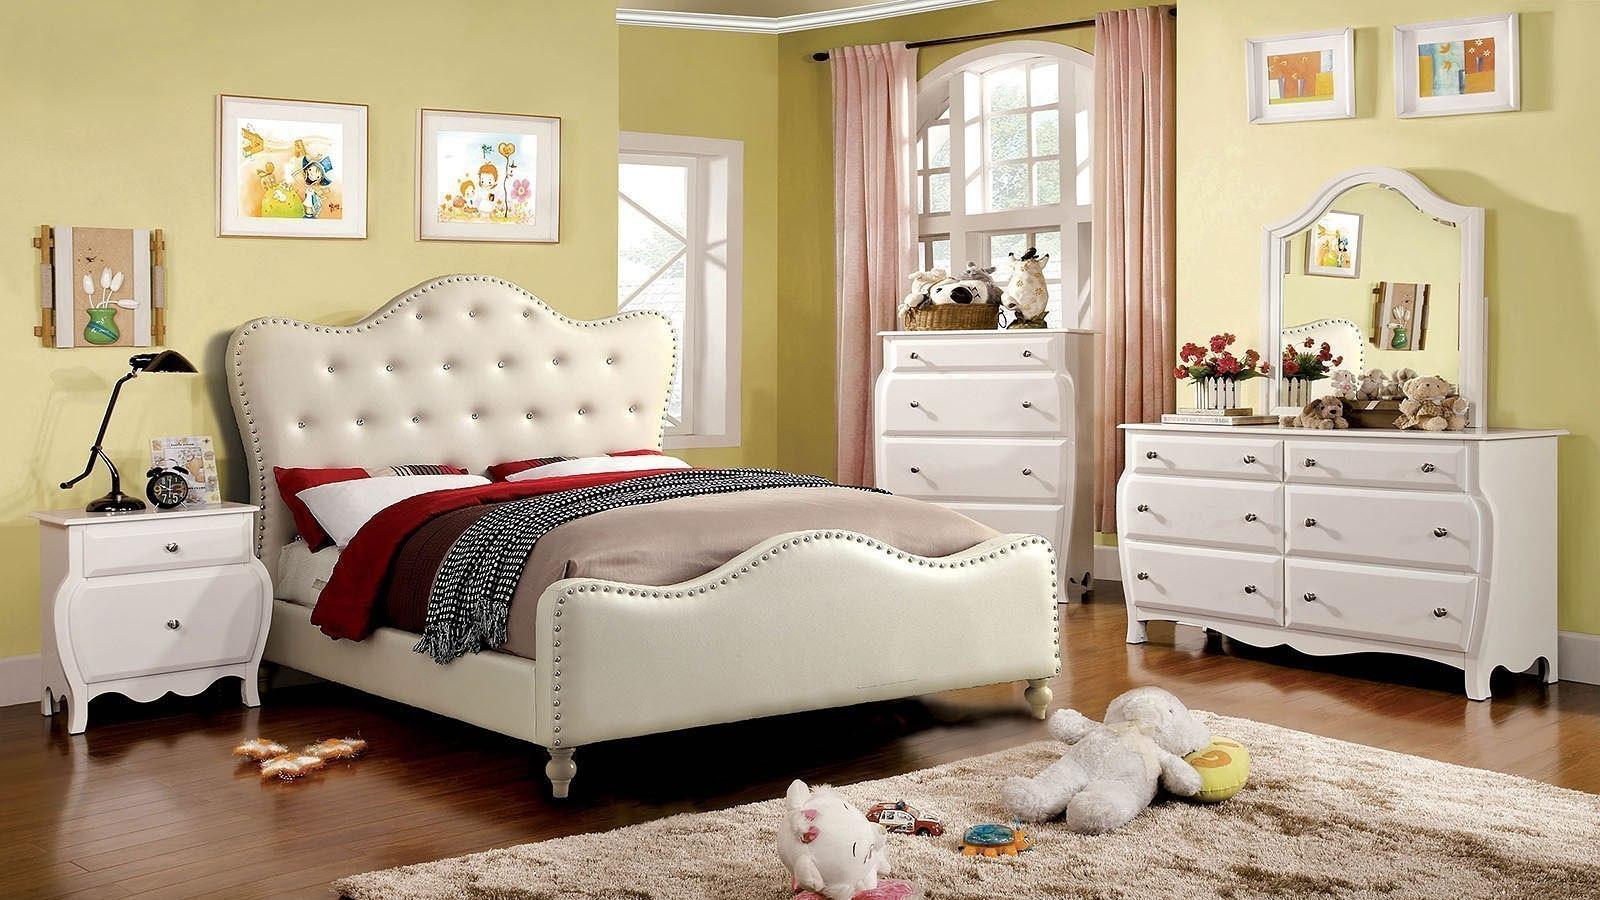 Sugar Upholstered Bedroom Set Ivory by Furniture of